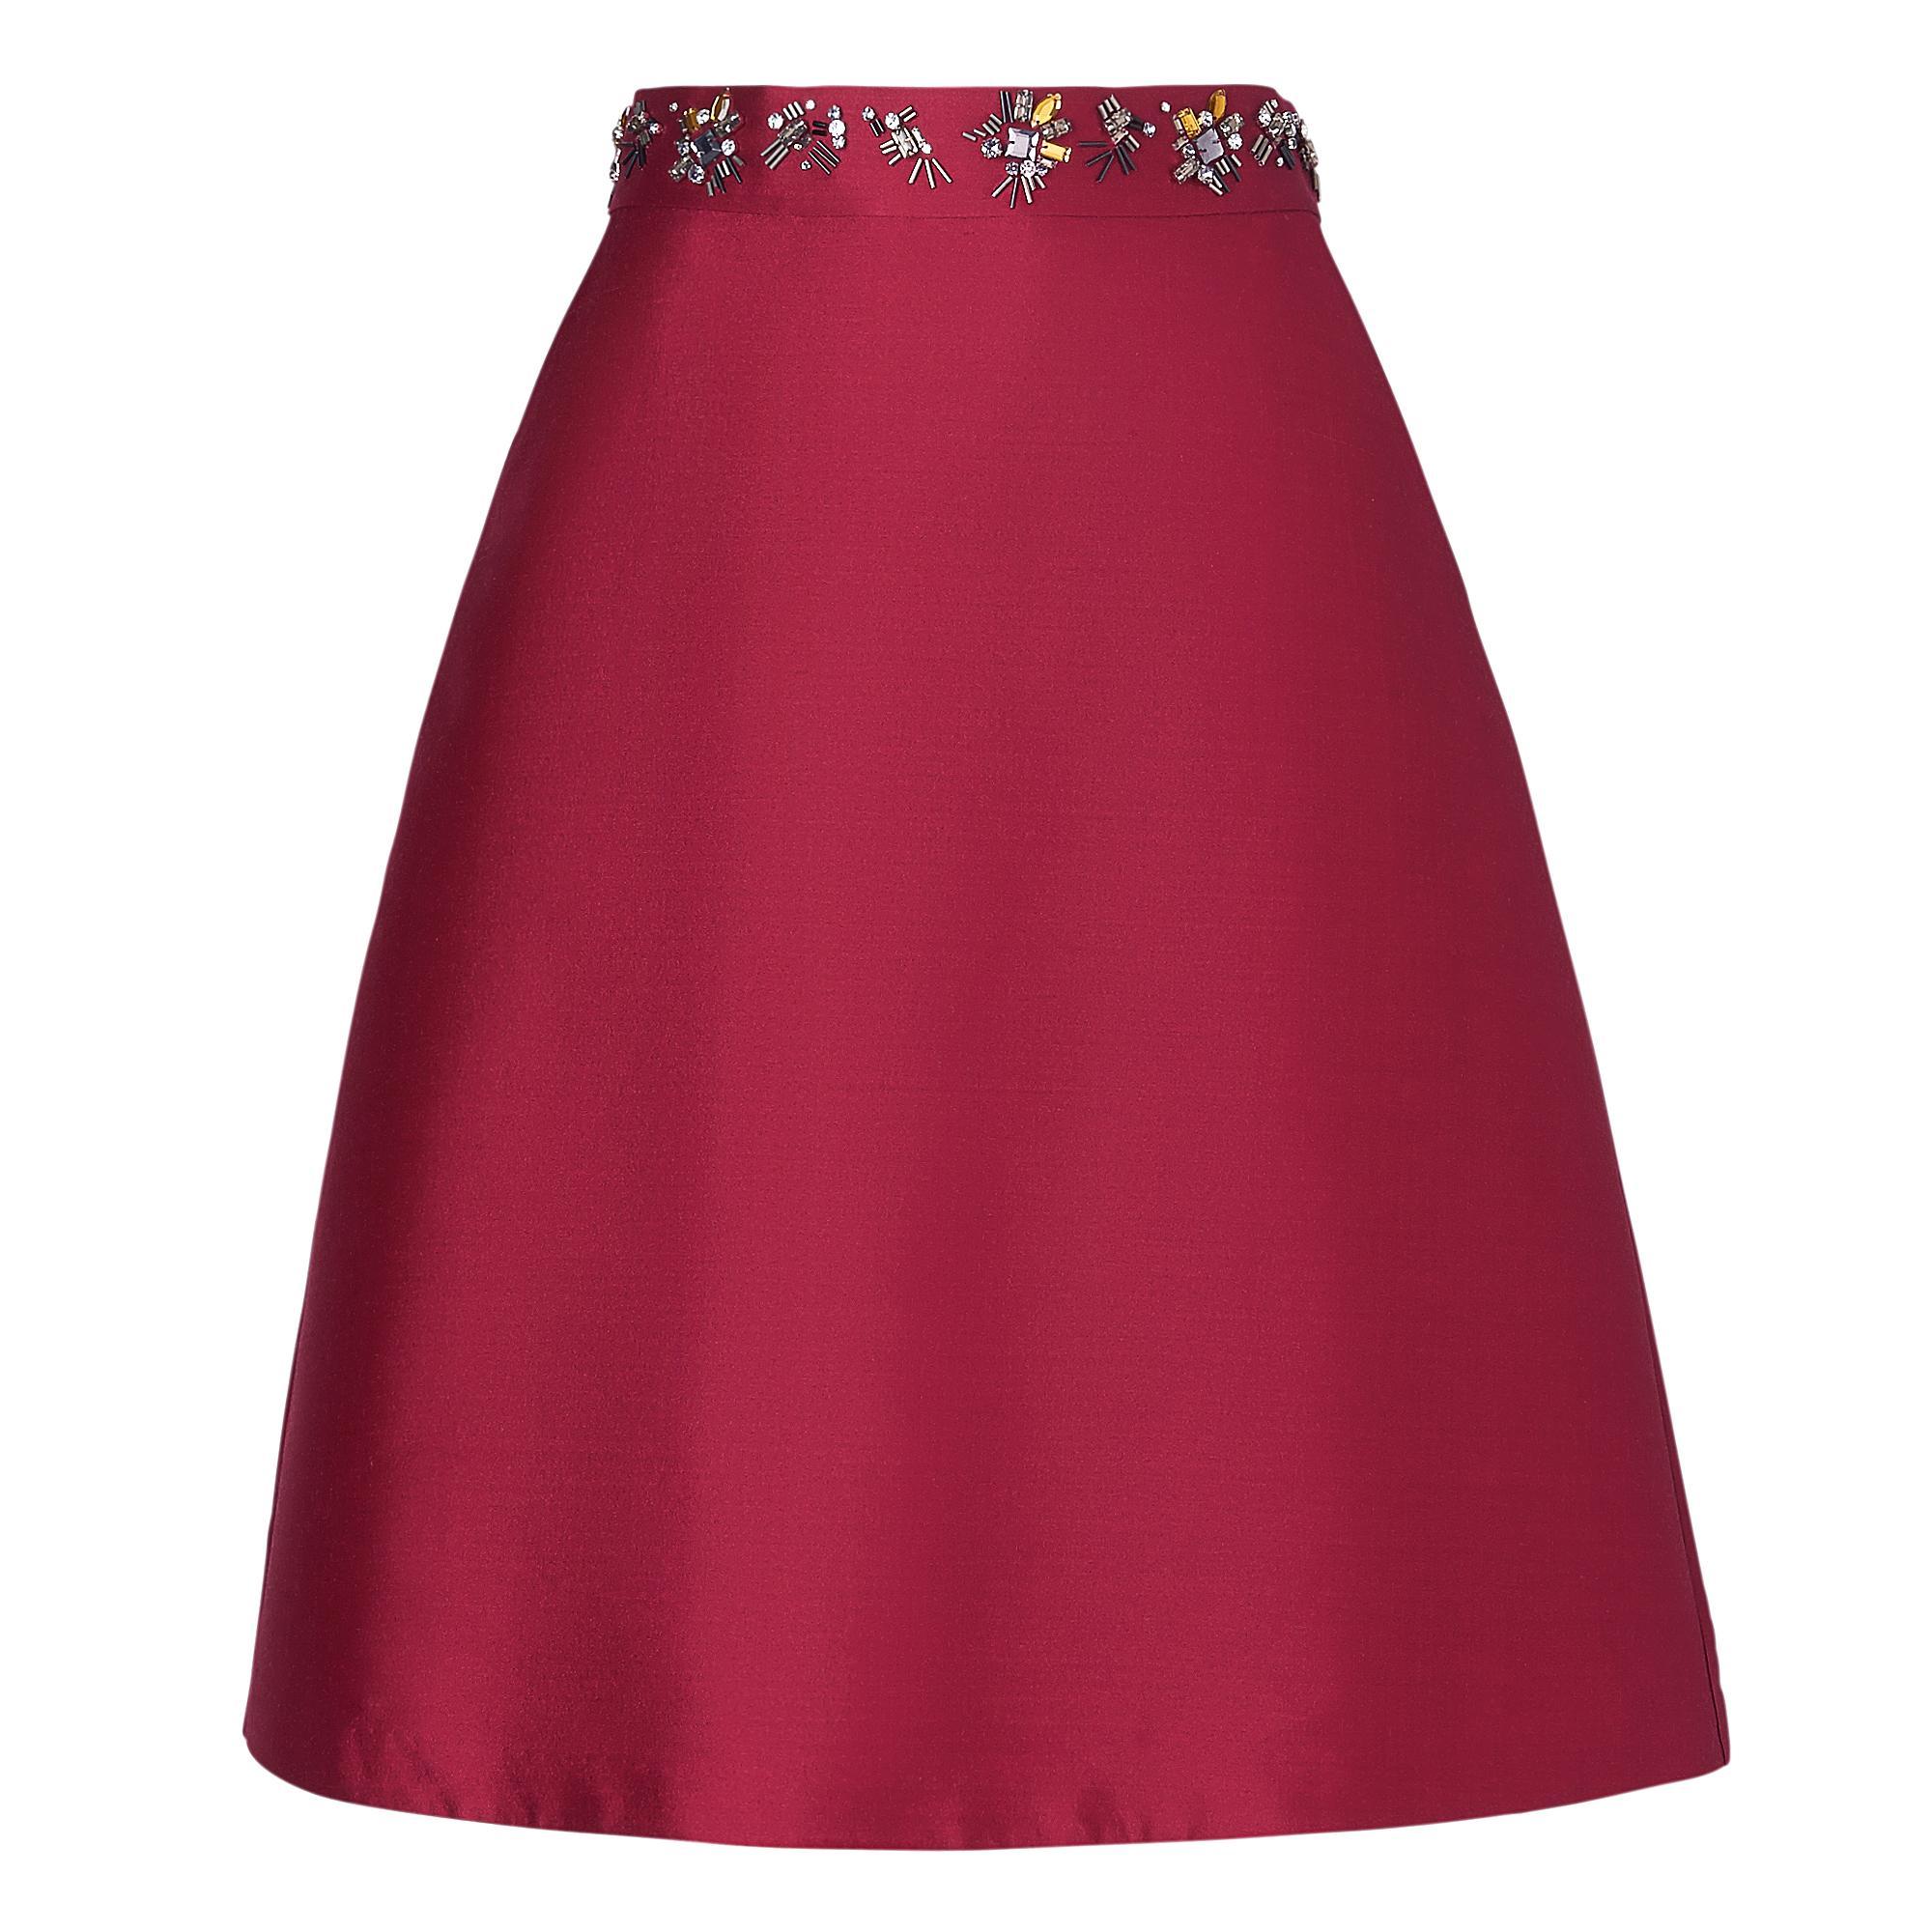 a35551de36493 Kent Embellished Skirt